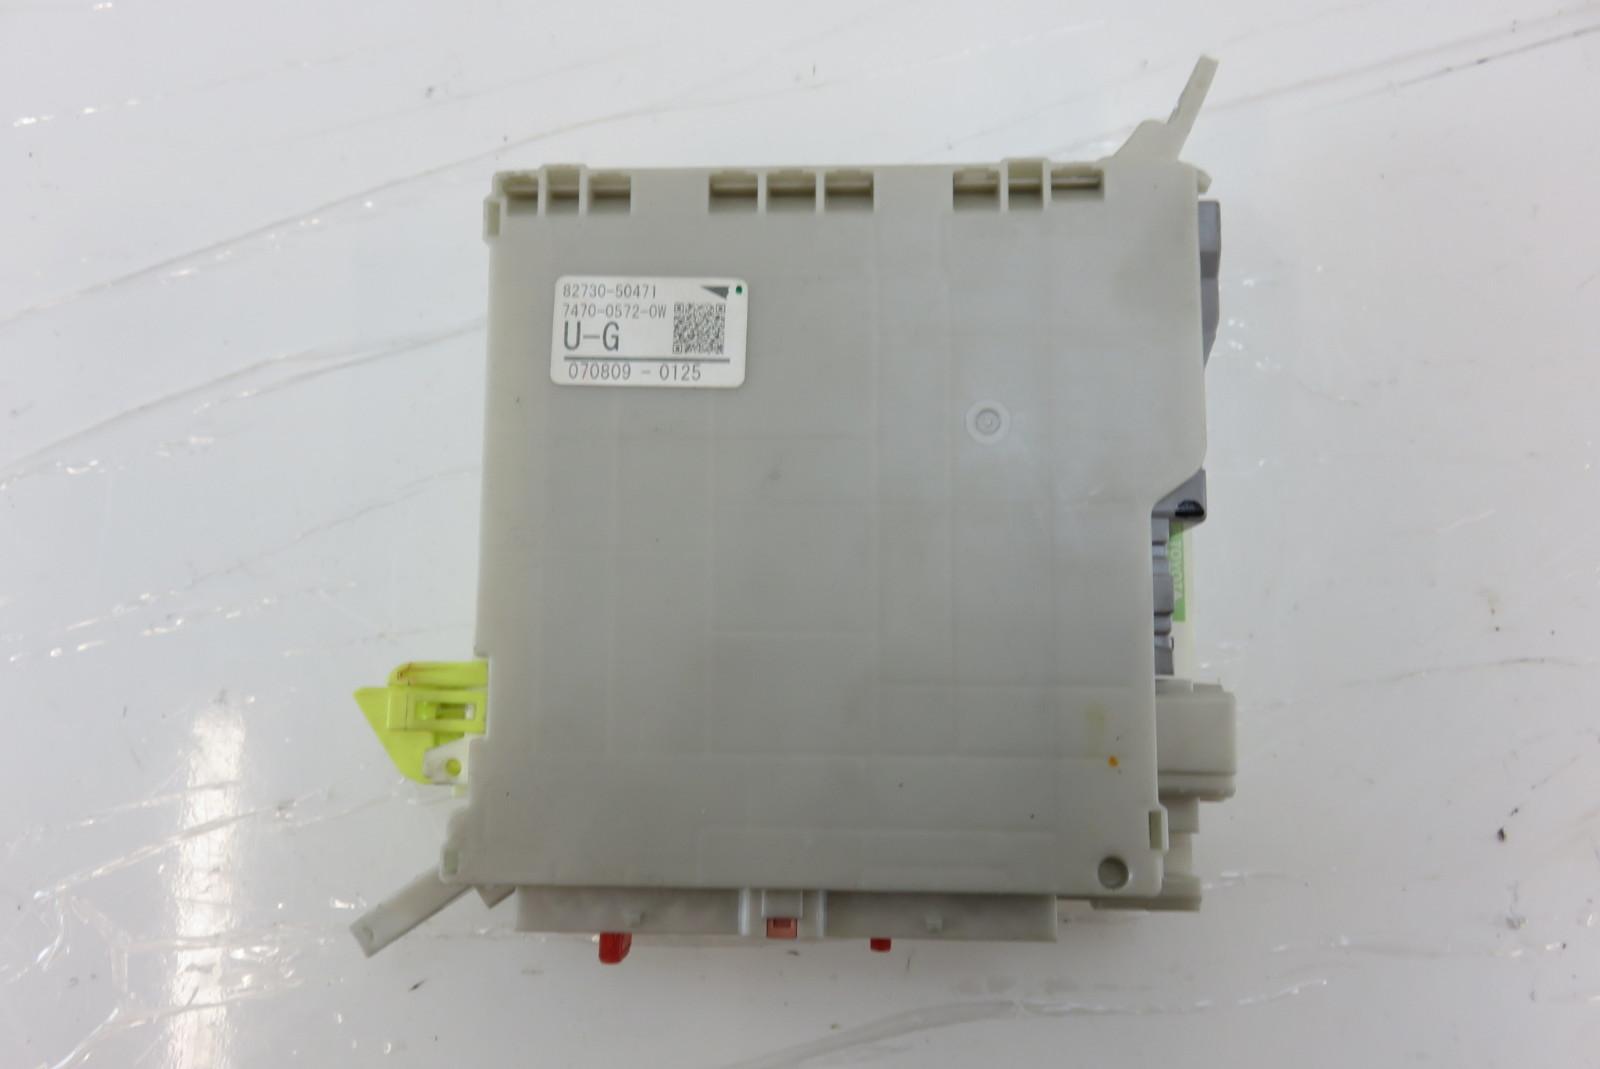 07-09 Lexus LS460 module, fuse box, under dash, left 8273050471 | S Auto  Parts